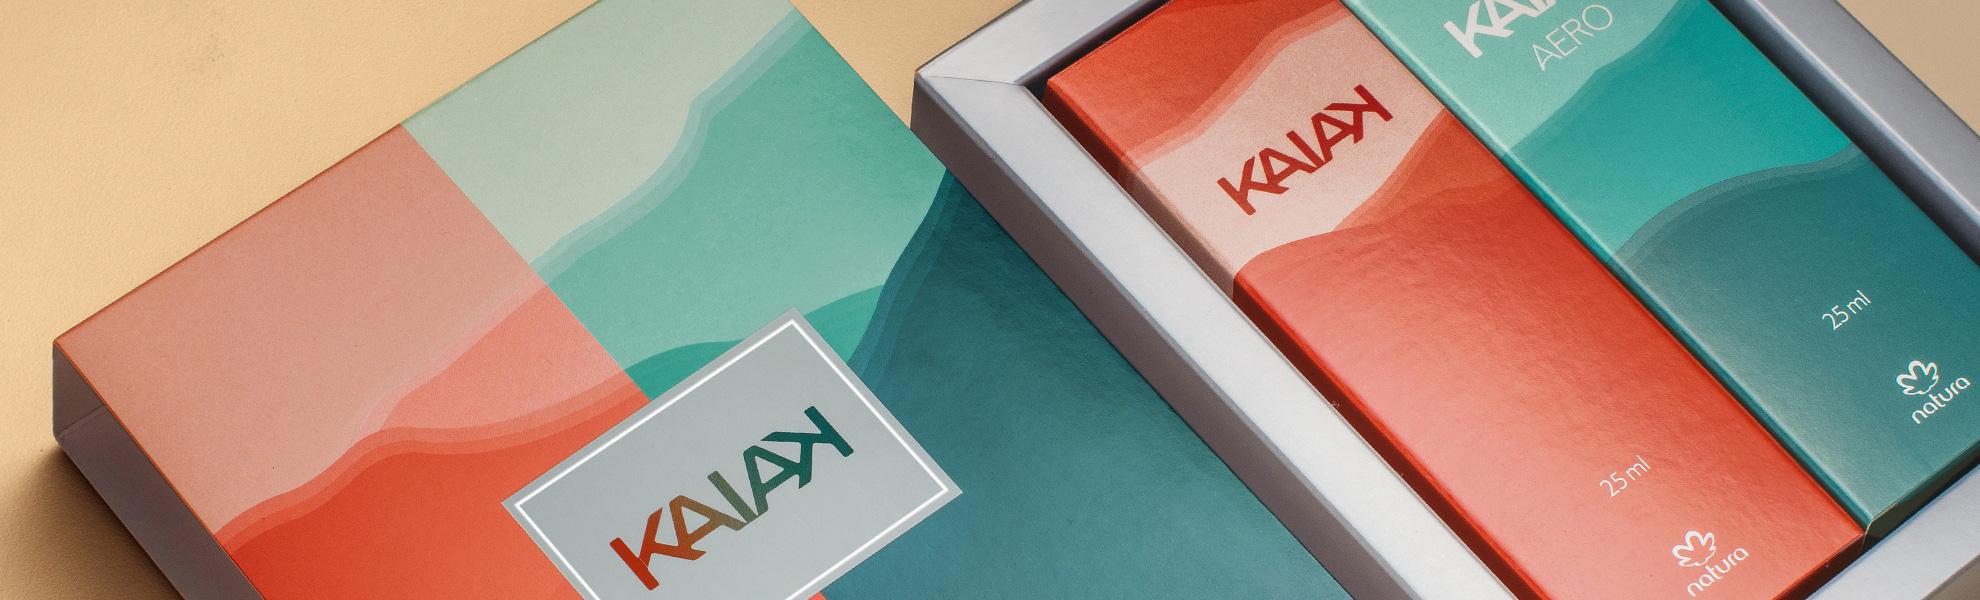 chelles-e-hayashi-design-portfolio-natura-kaiak-miniaturas-femininas-grafico-embalagem